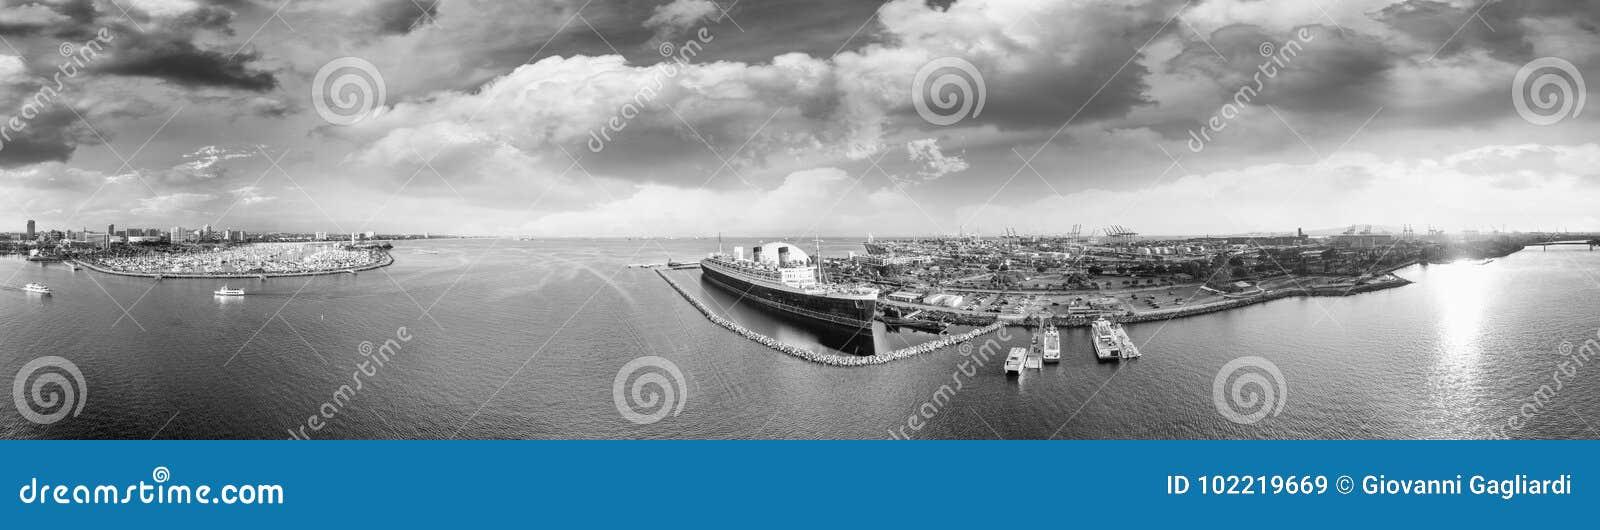 Vista aerea in bianco e nero panoramica di Long Beach e della regina mA